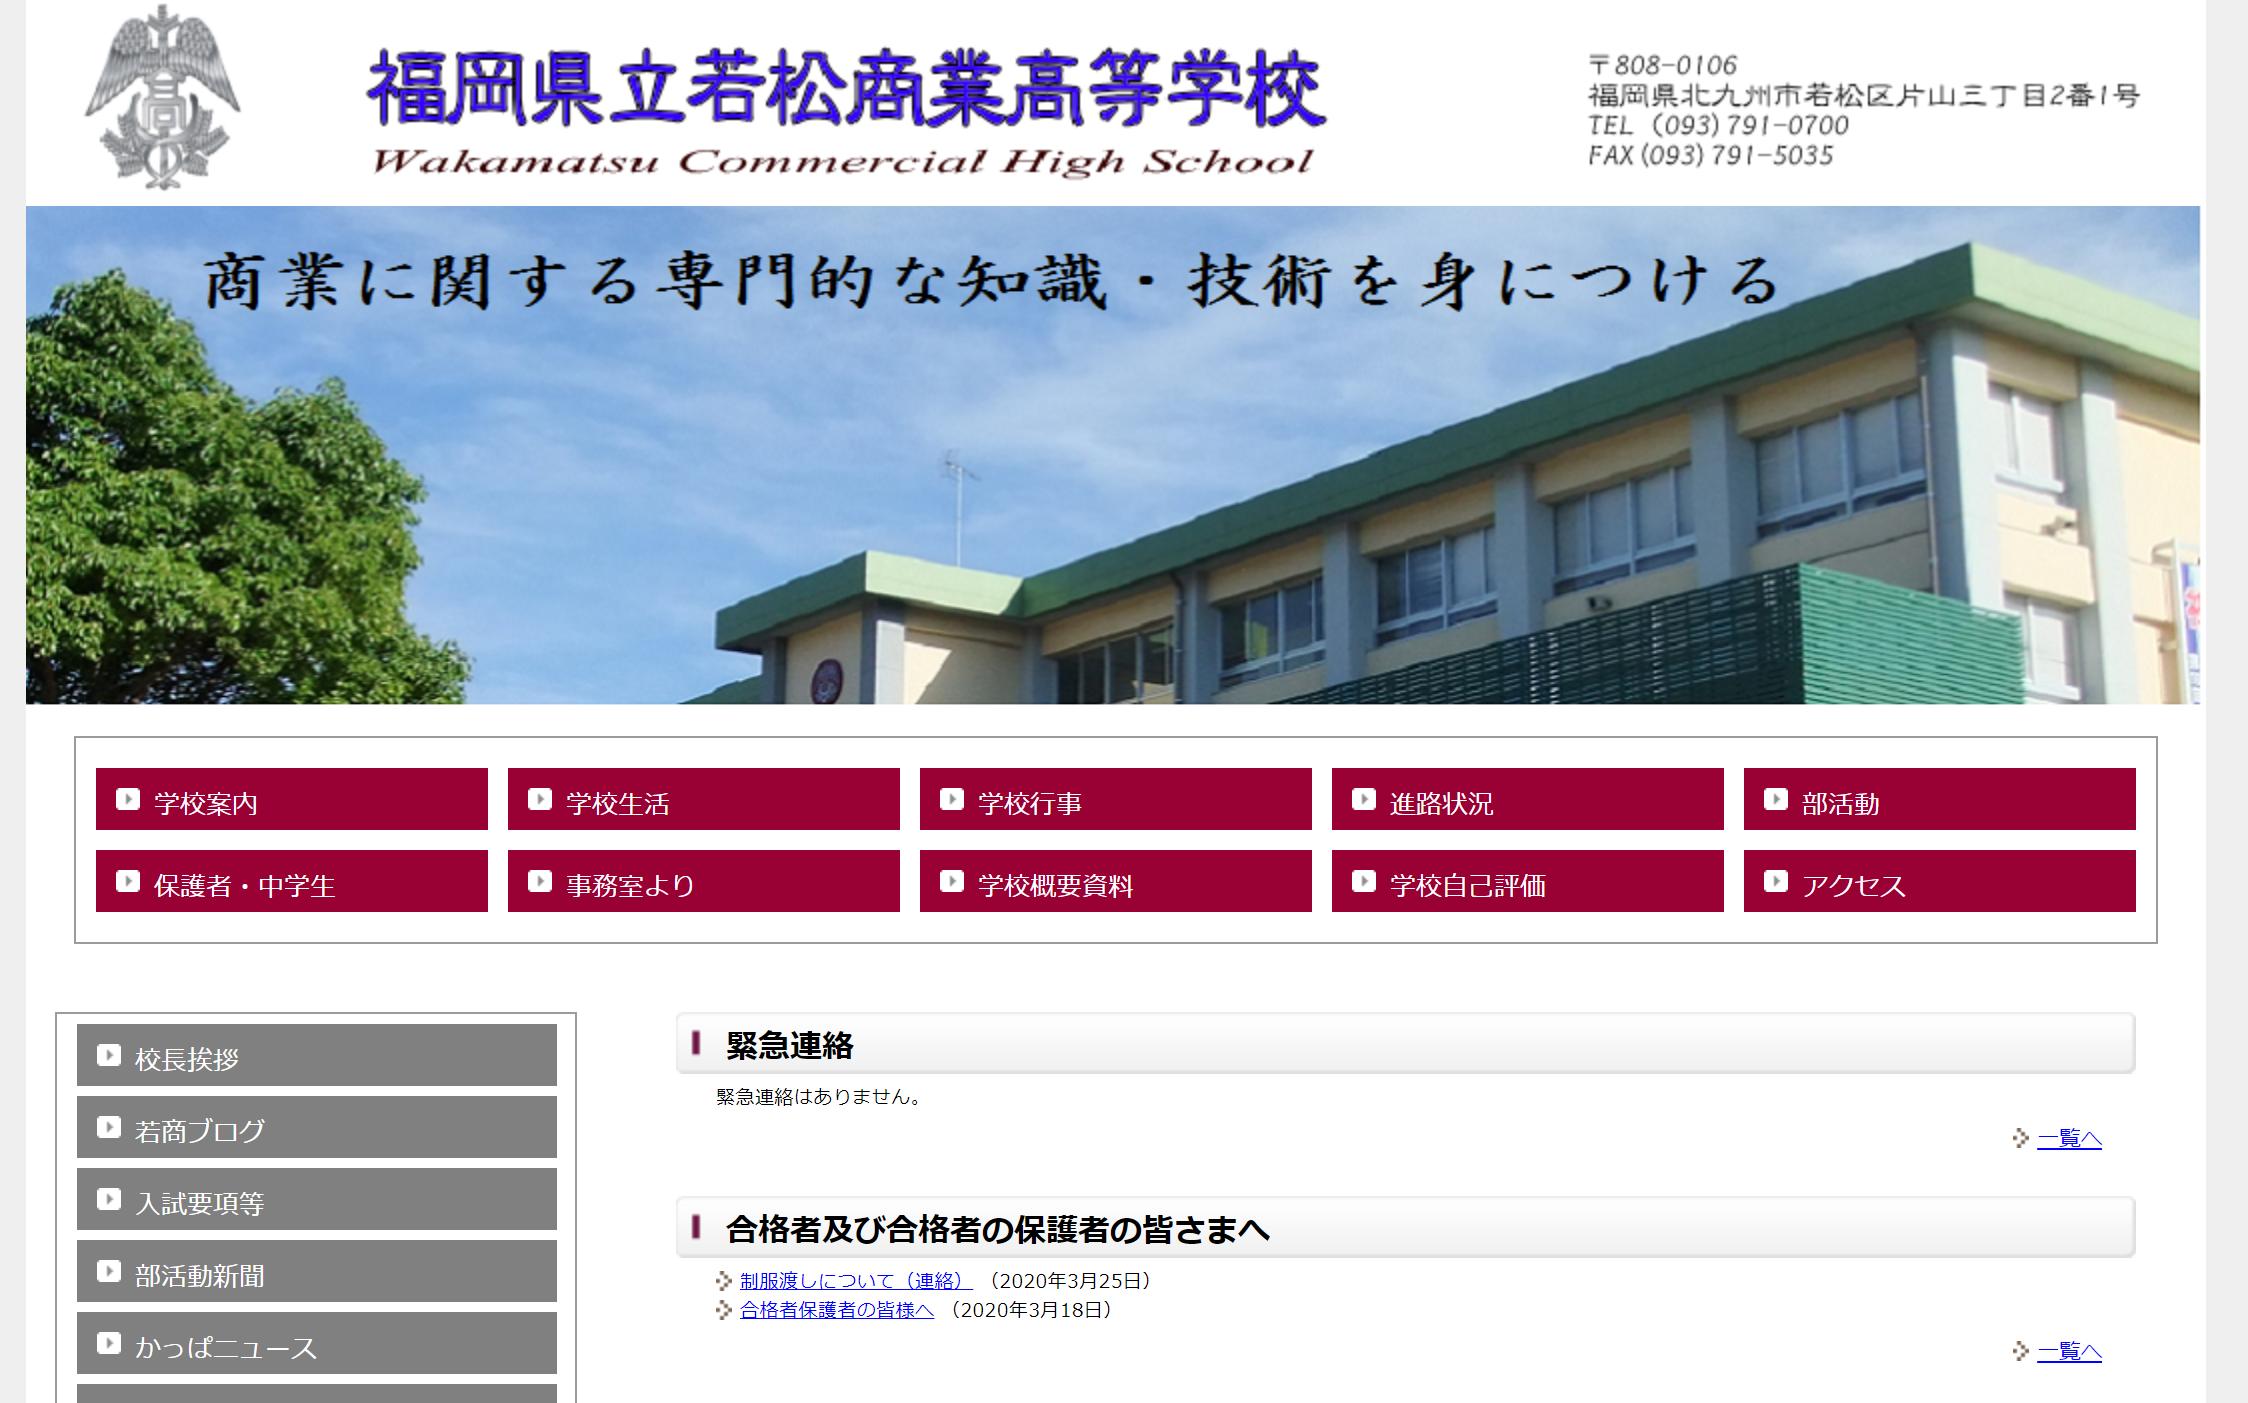 若松商業高校の口コミ・評判